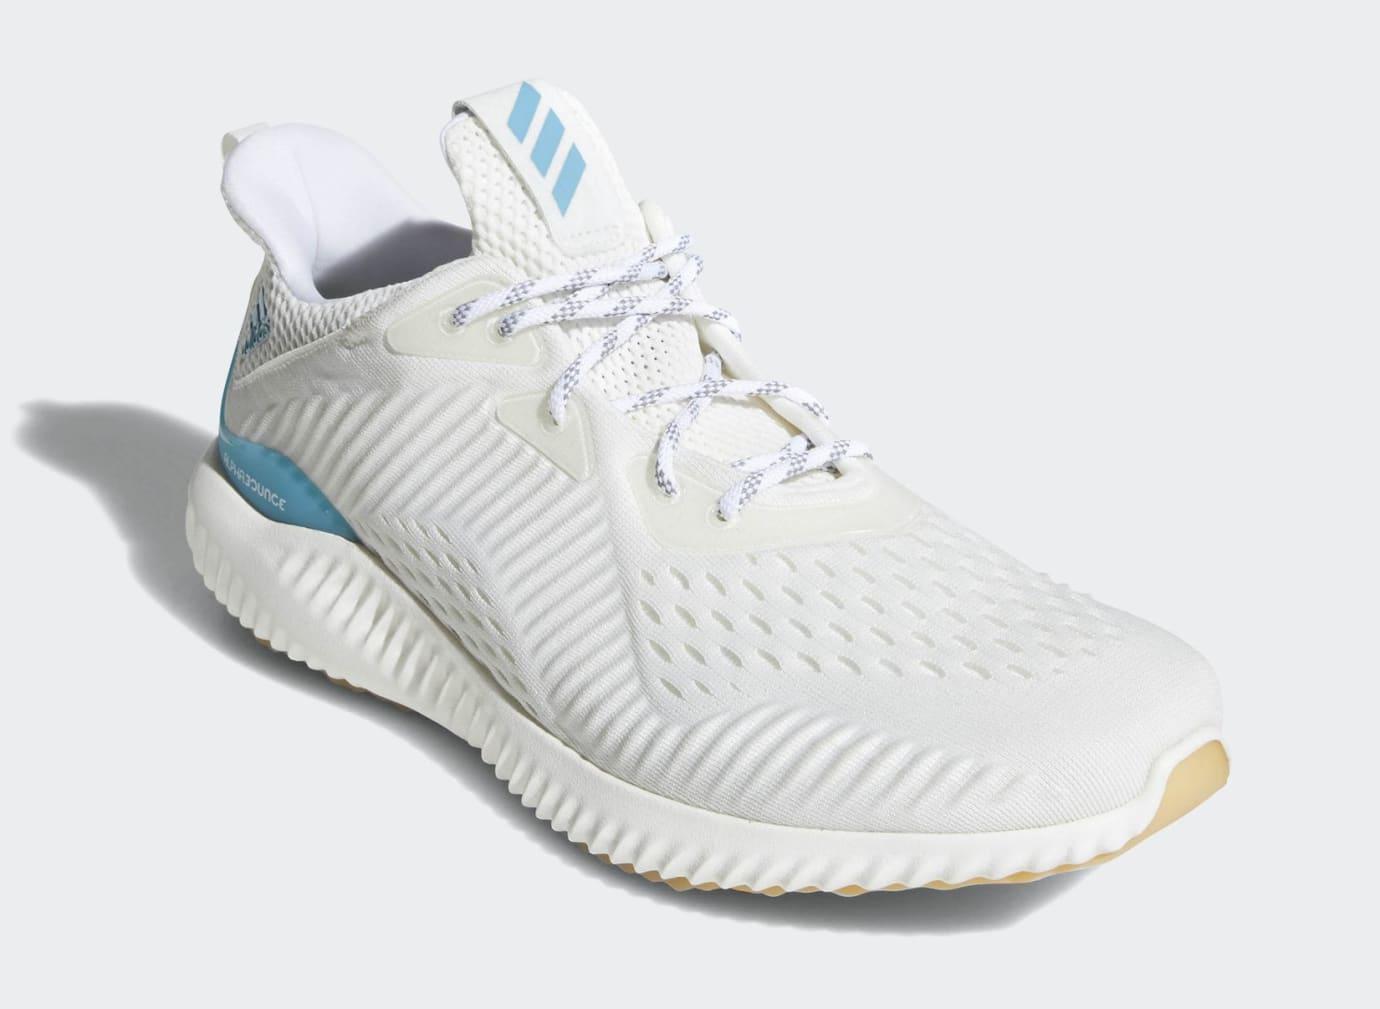 Parley x Adidas Alphabounce CQ0784 2